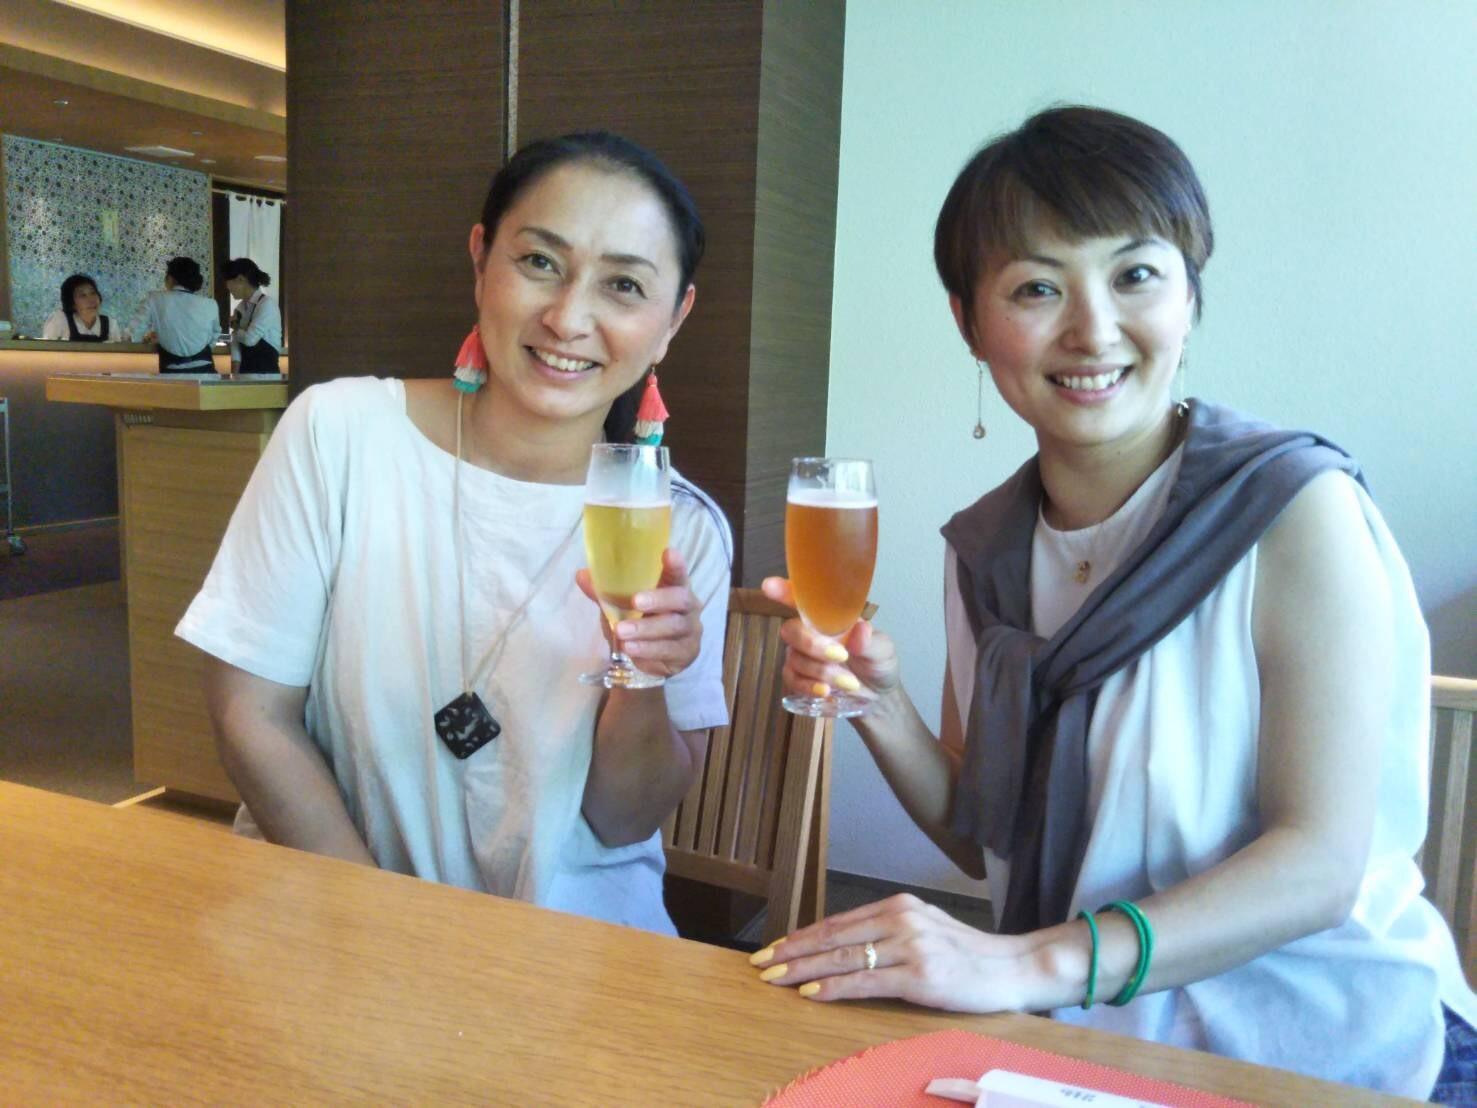 ひと足お先に夏休み 箱根日帰り温泉の旅を楽しんで来ました_1_2-2